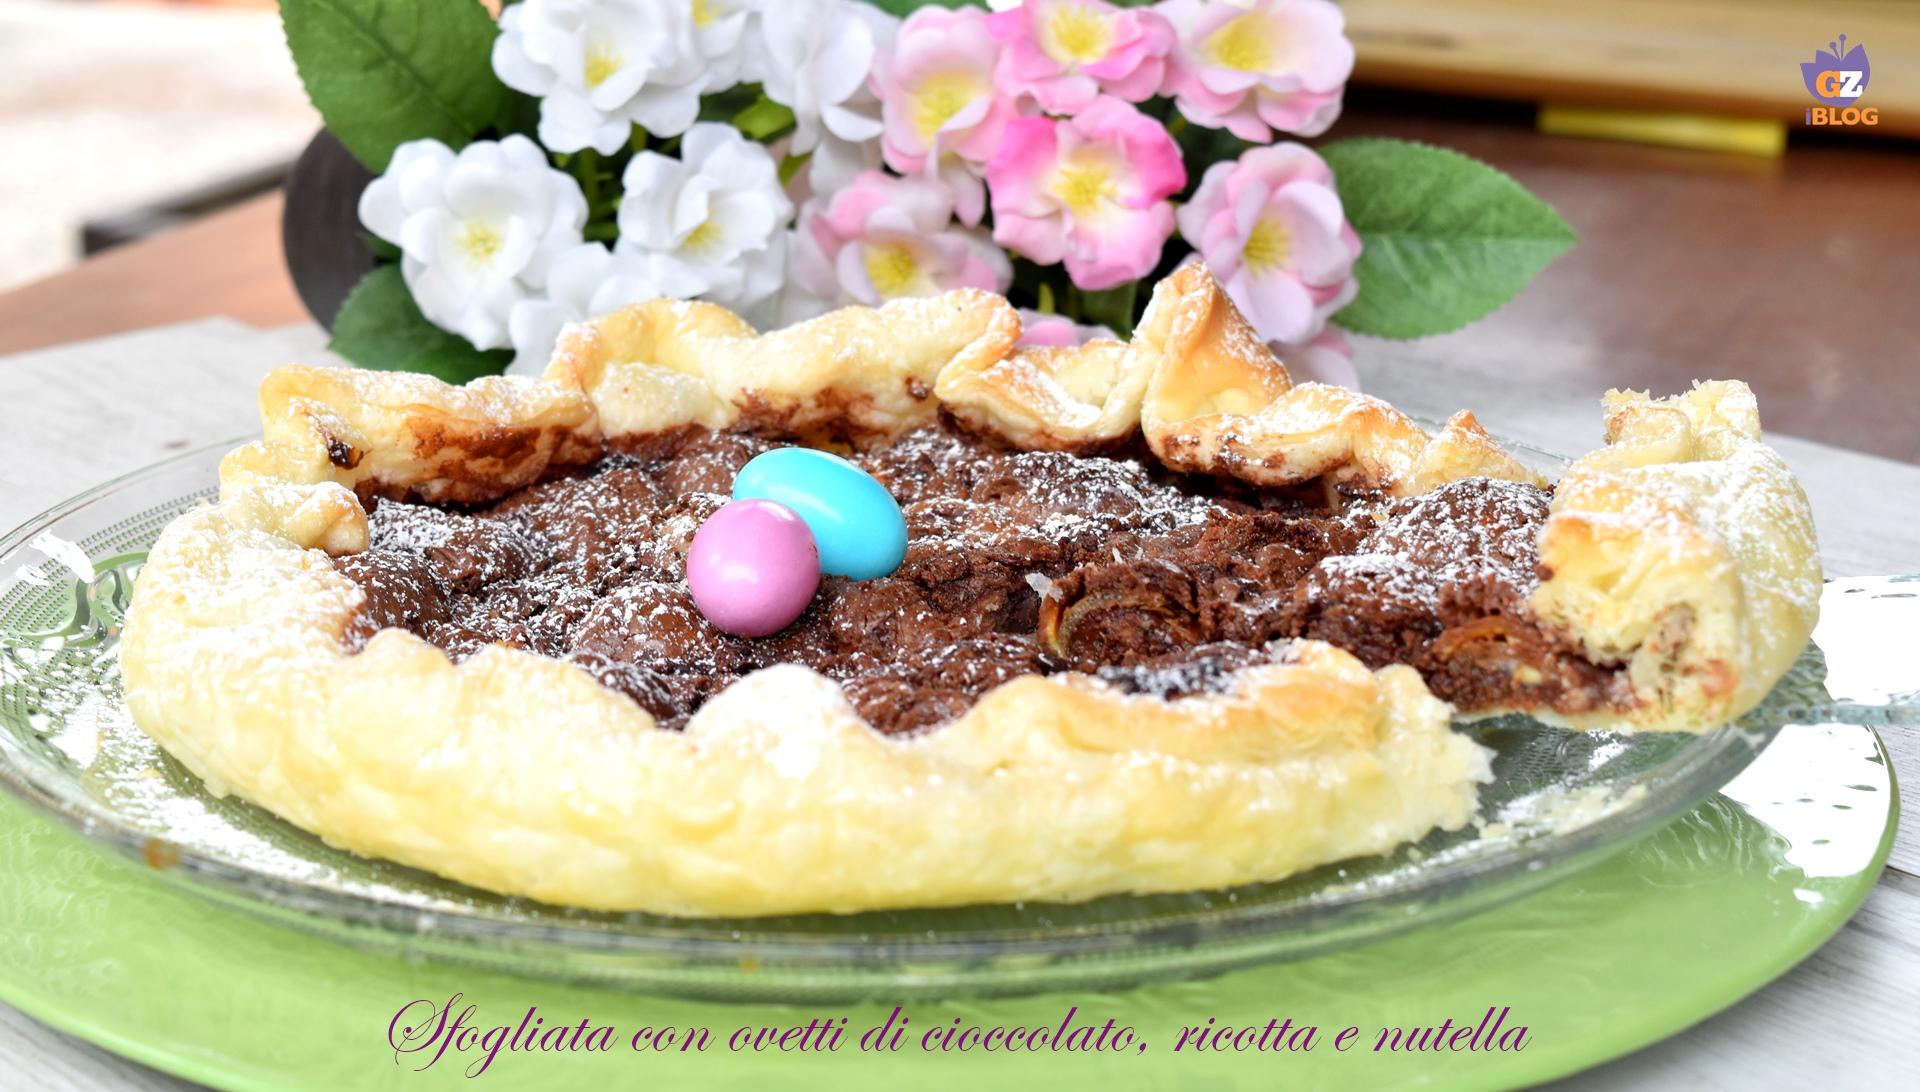 Sfogliata con ovetti di cioccolato, ricotta e nutella-ricetta dolci-golosofia